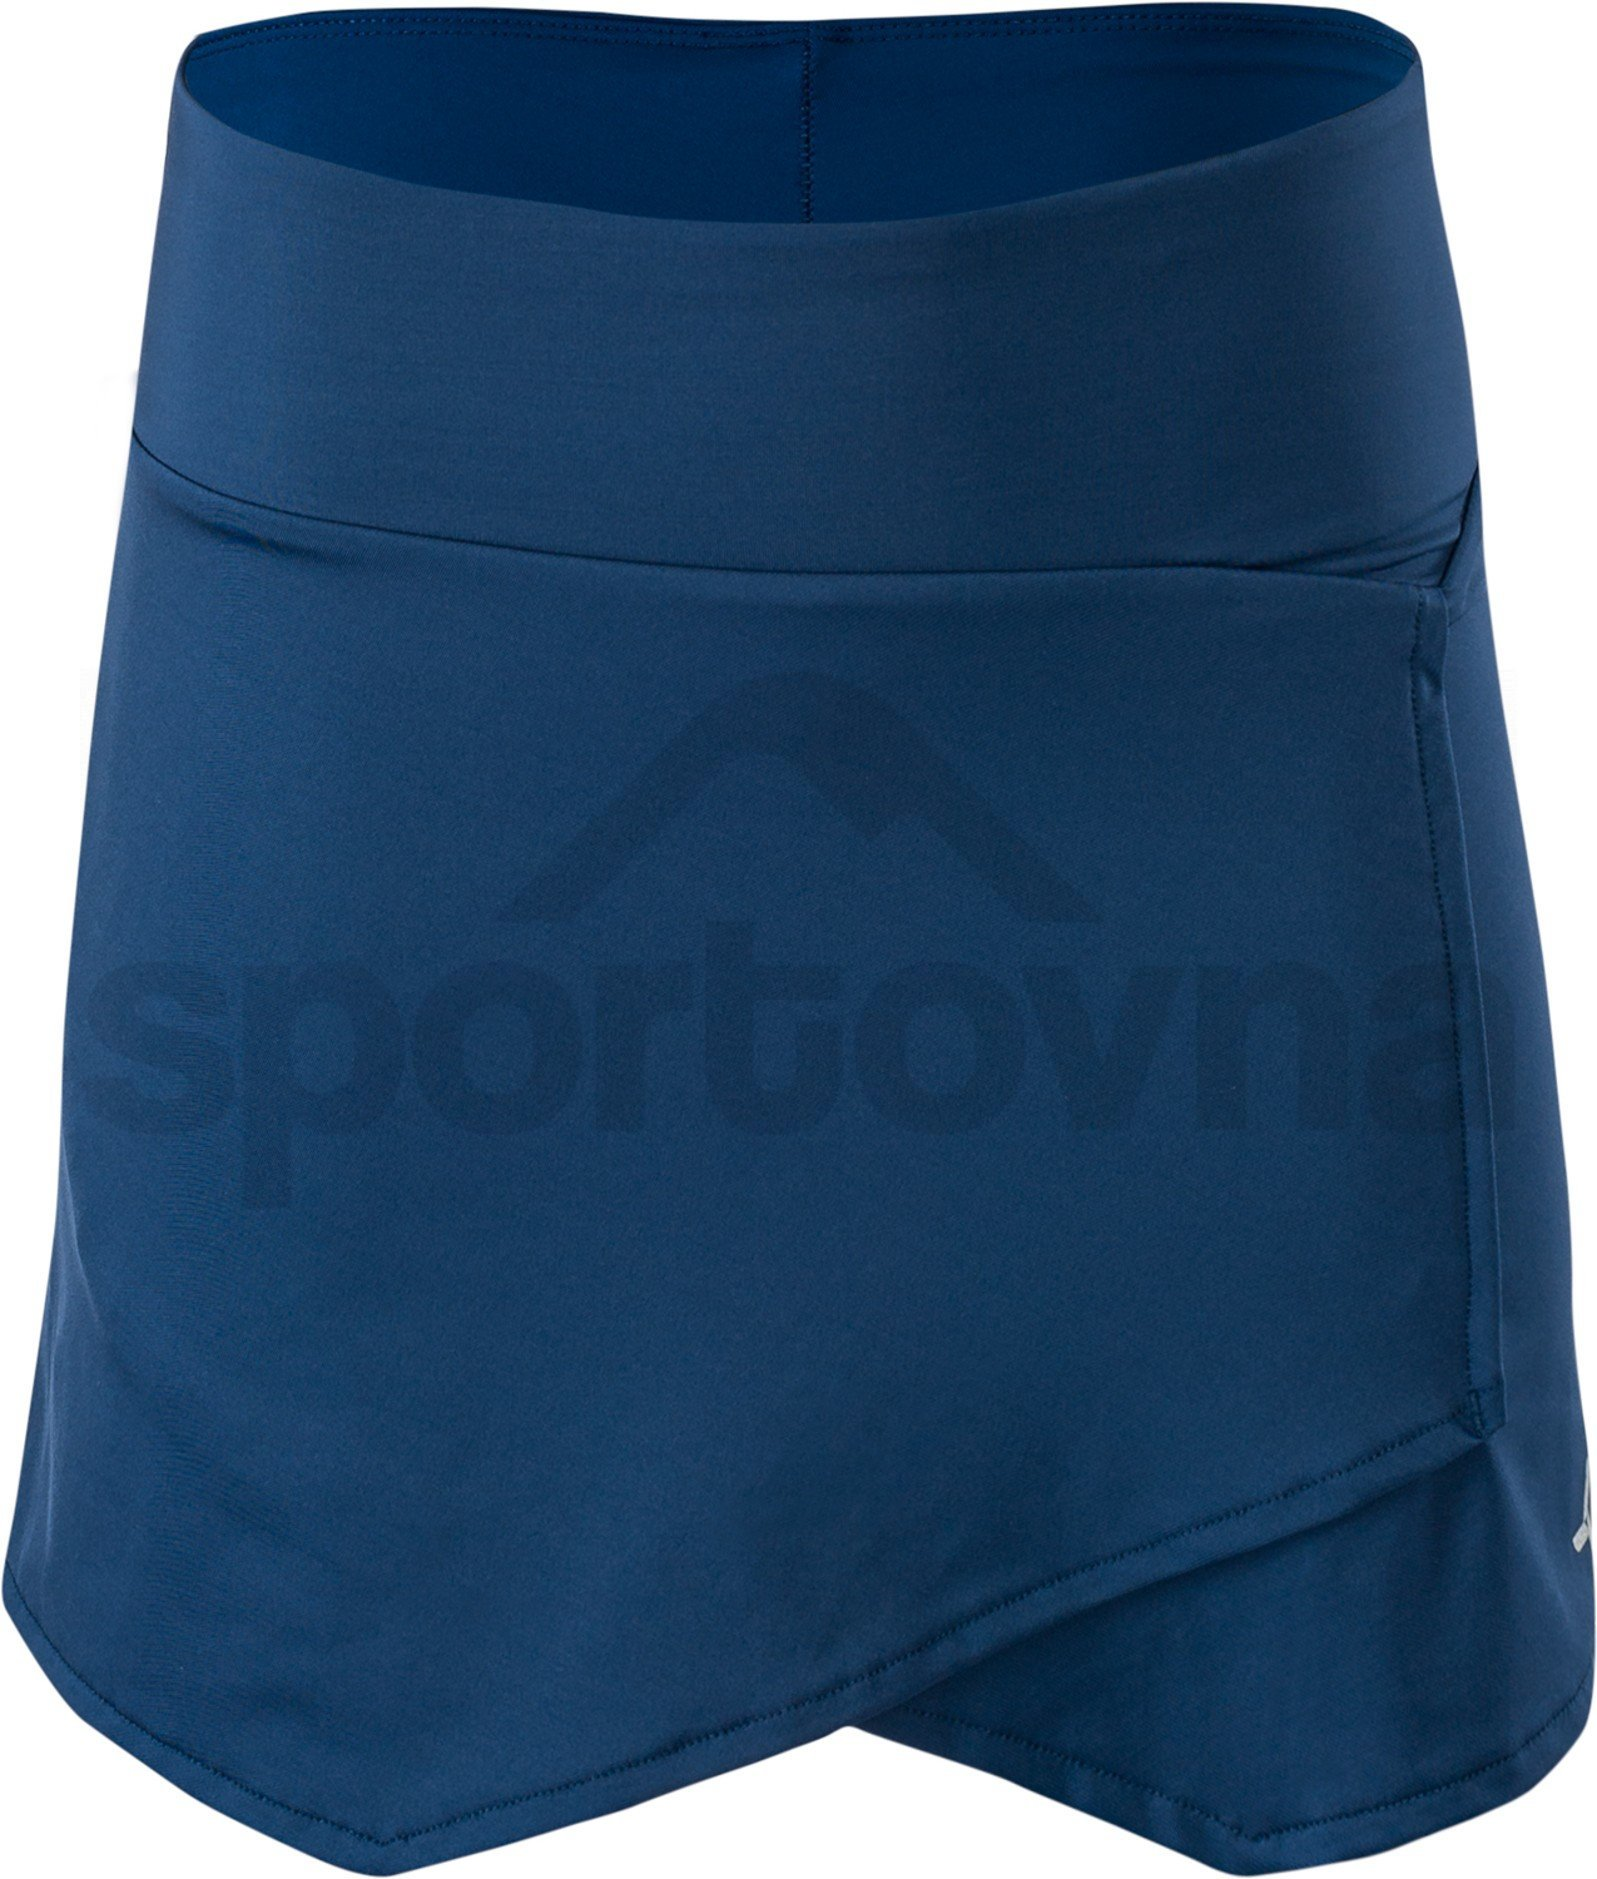 Isorno Pro WS1216_1